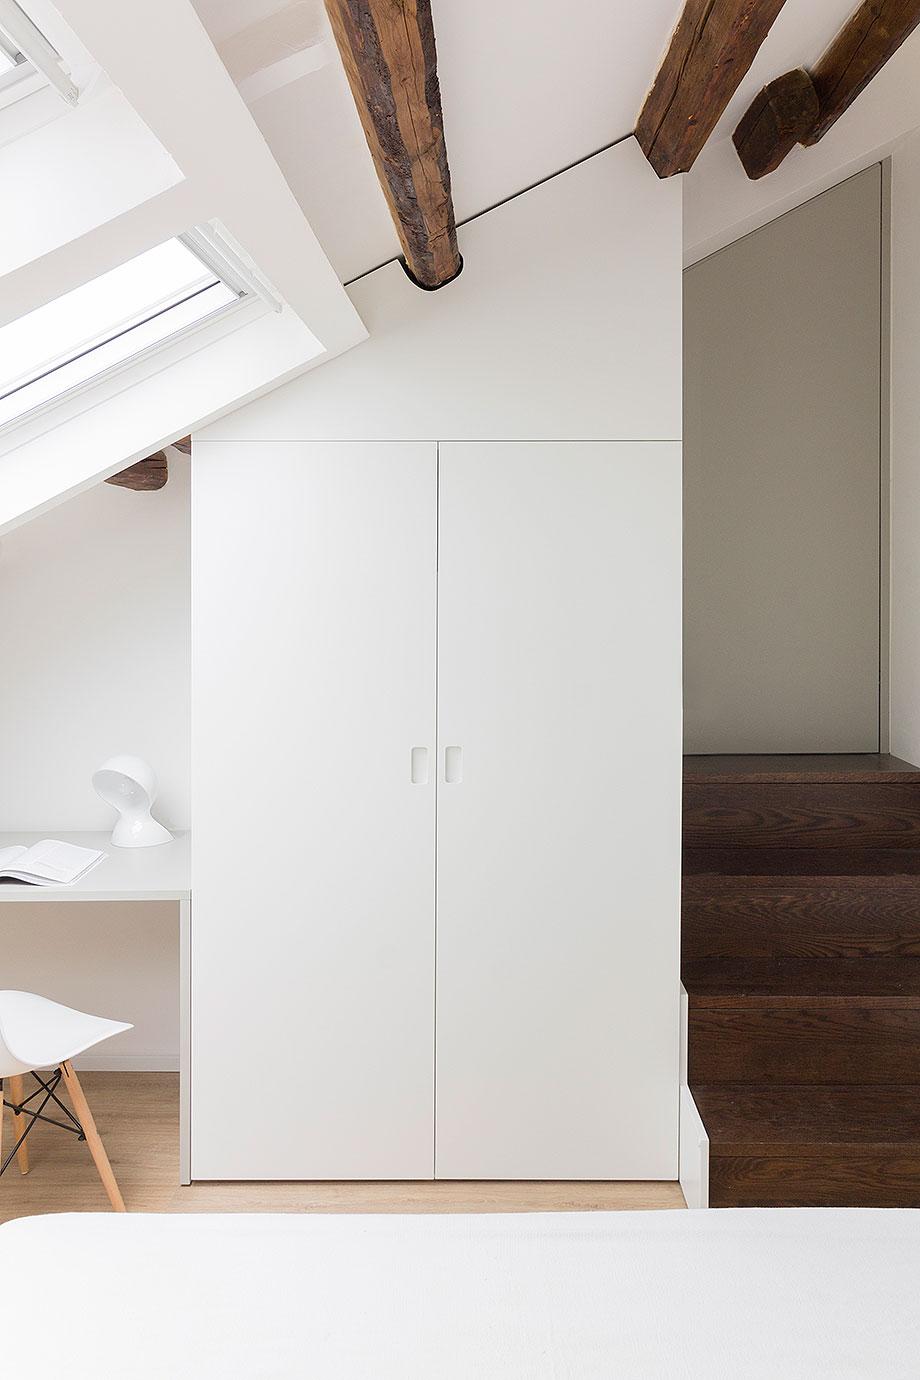 reforma de un ático en palermo por la leta architettura (8) - foto marco zanca